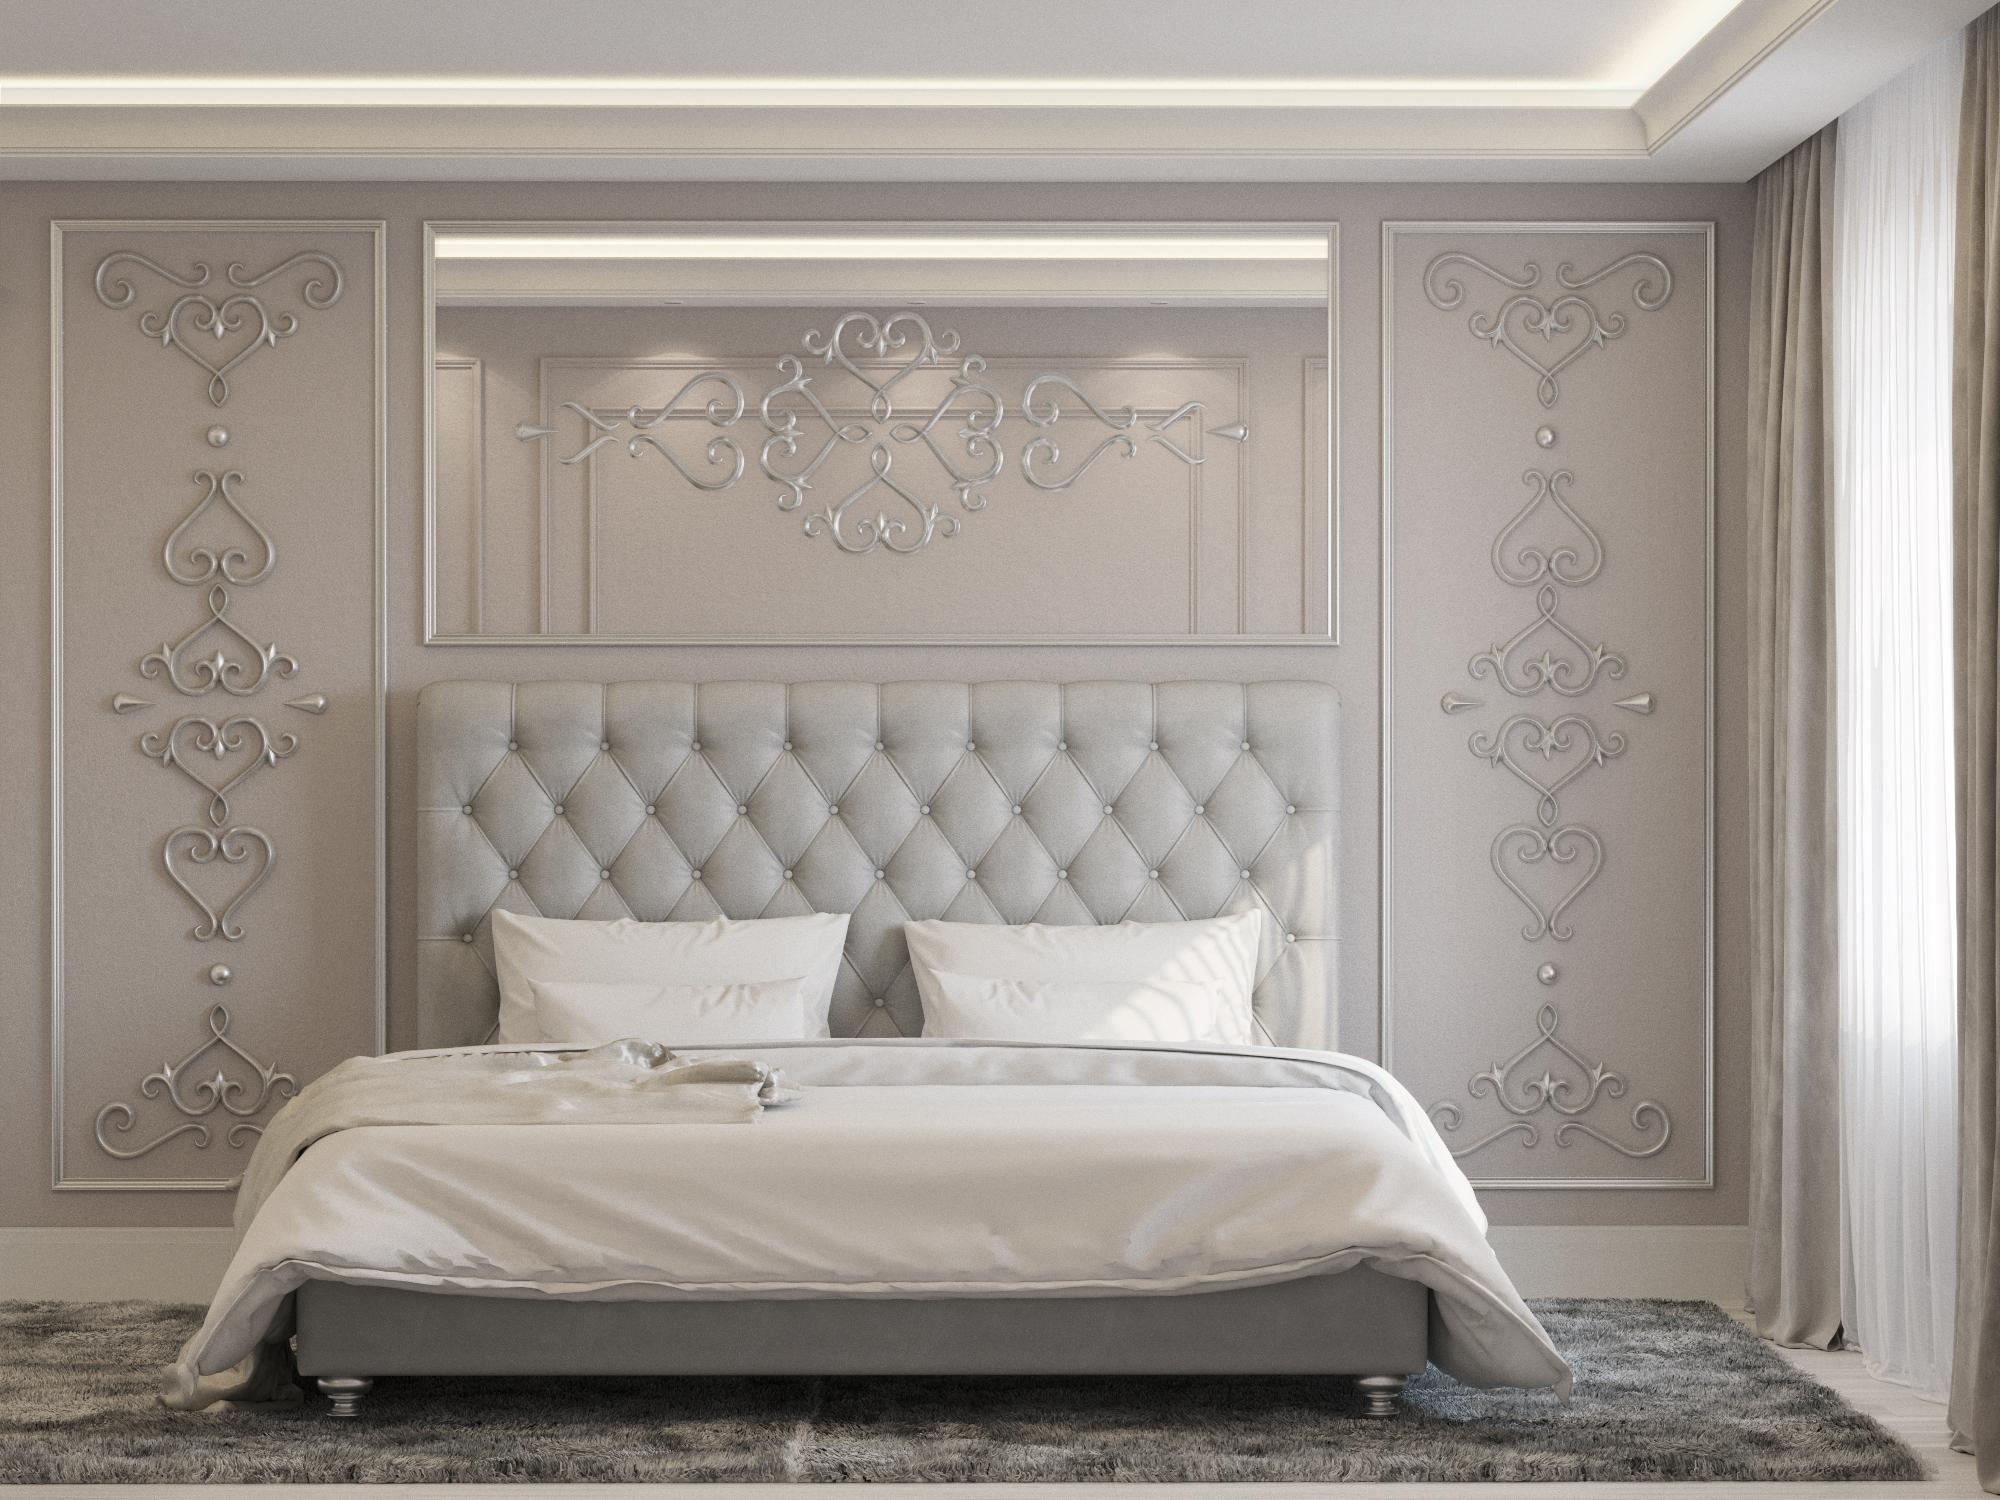 Bv decor decoraci n de poliuretano cornisas molduras molduras techo - Molduras de poliuretano ...